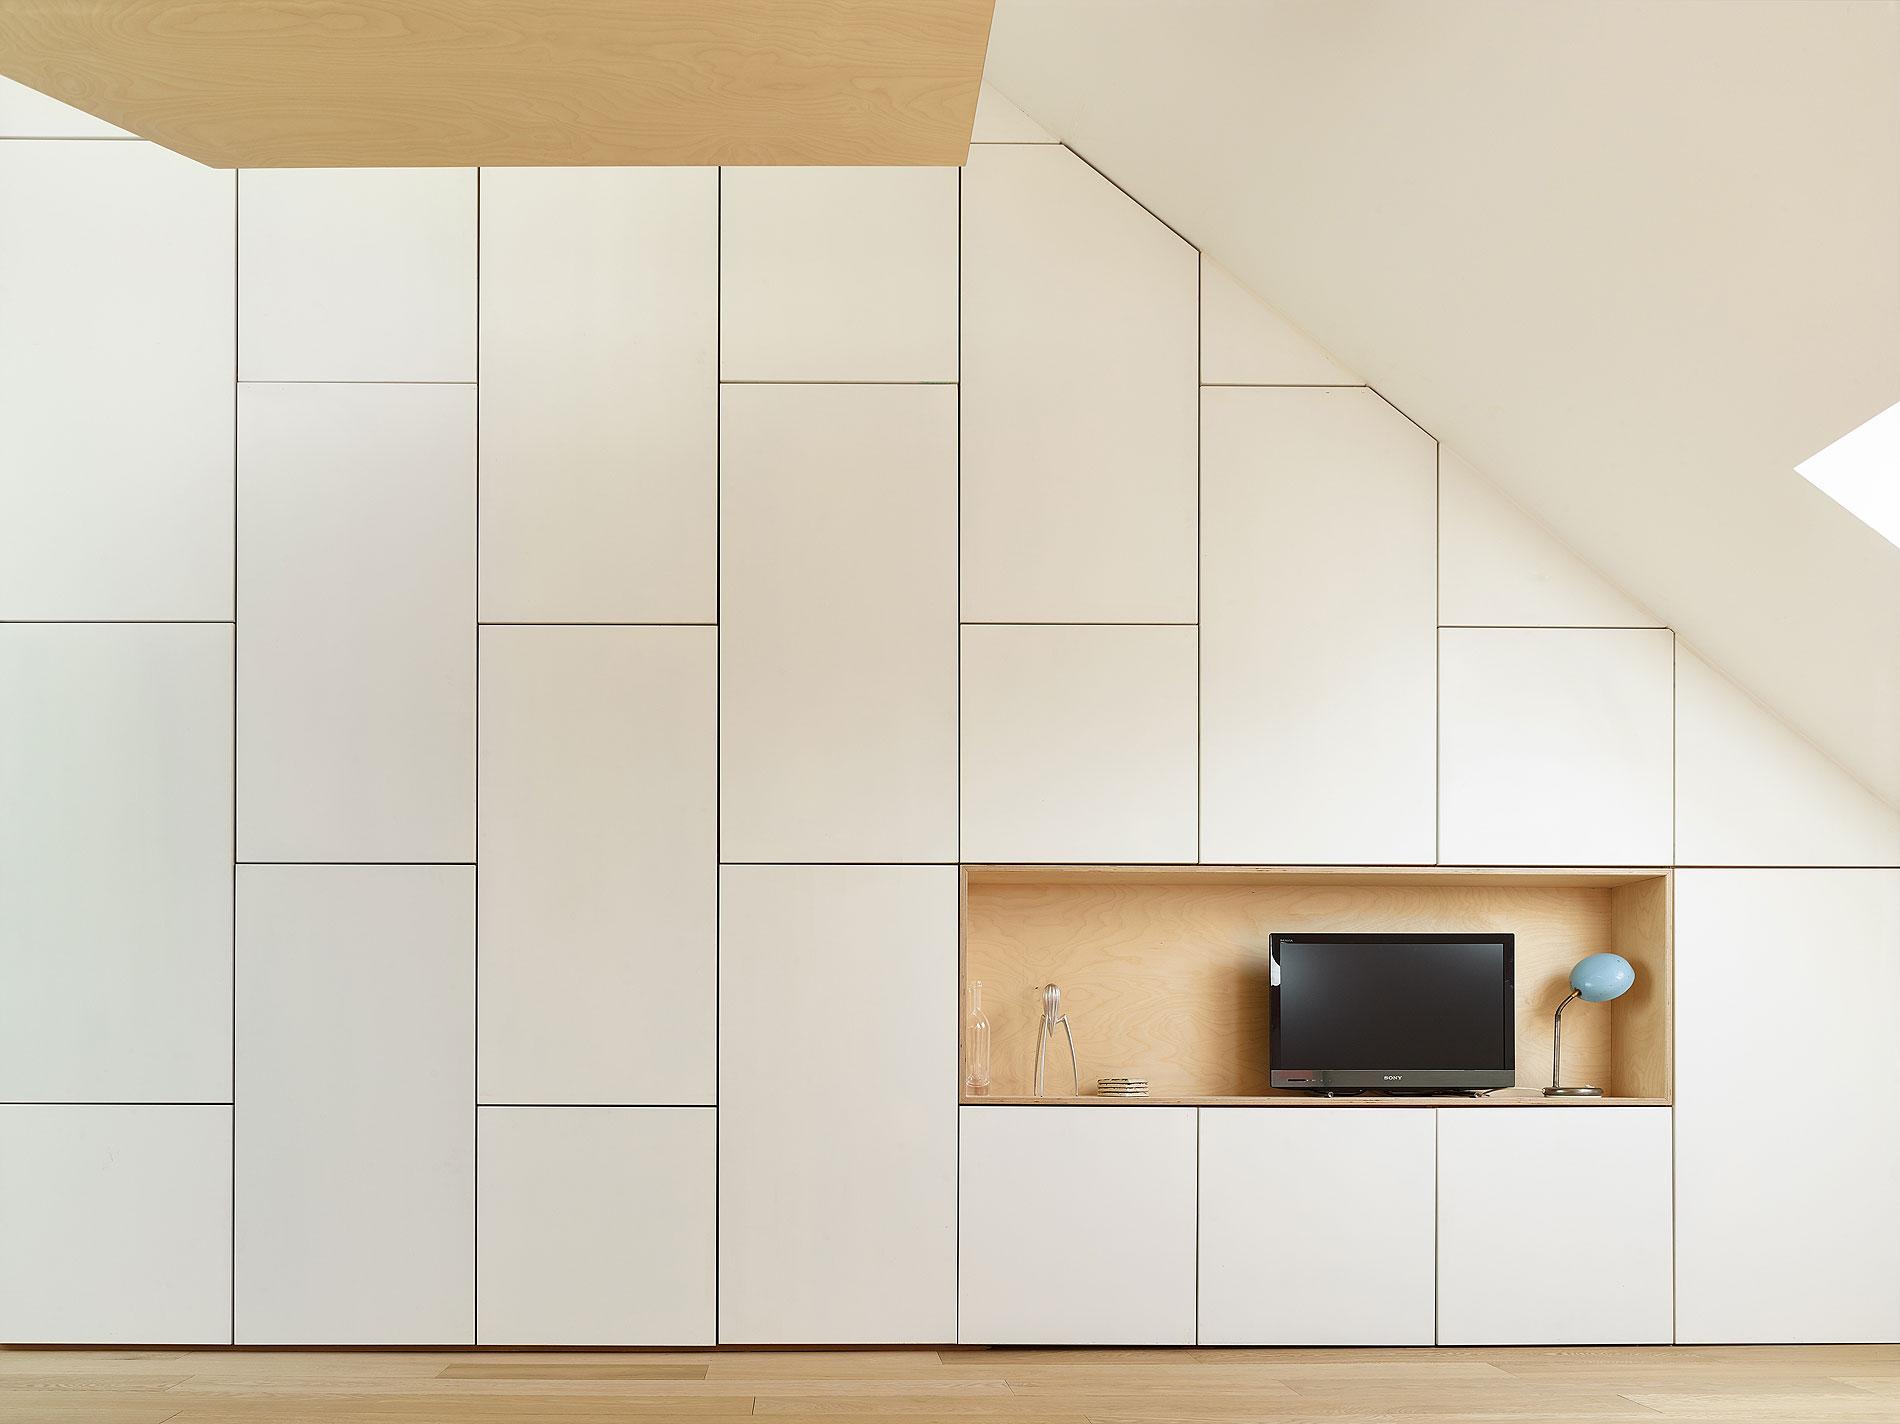 Resumen semanal de interiores minimalistas for Interiores minimalistas 2016